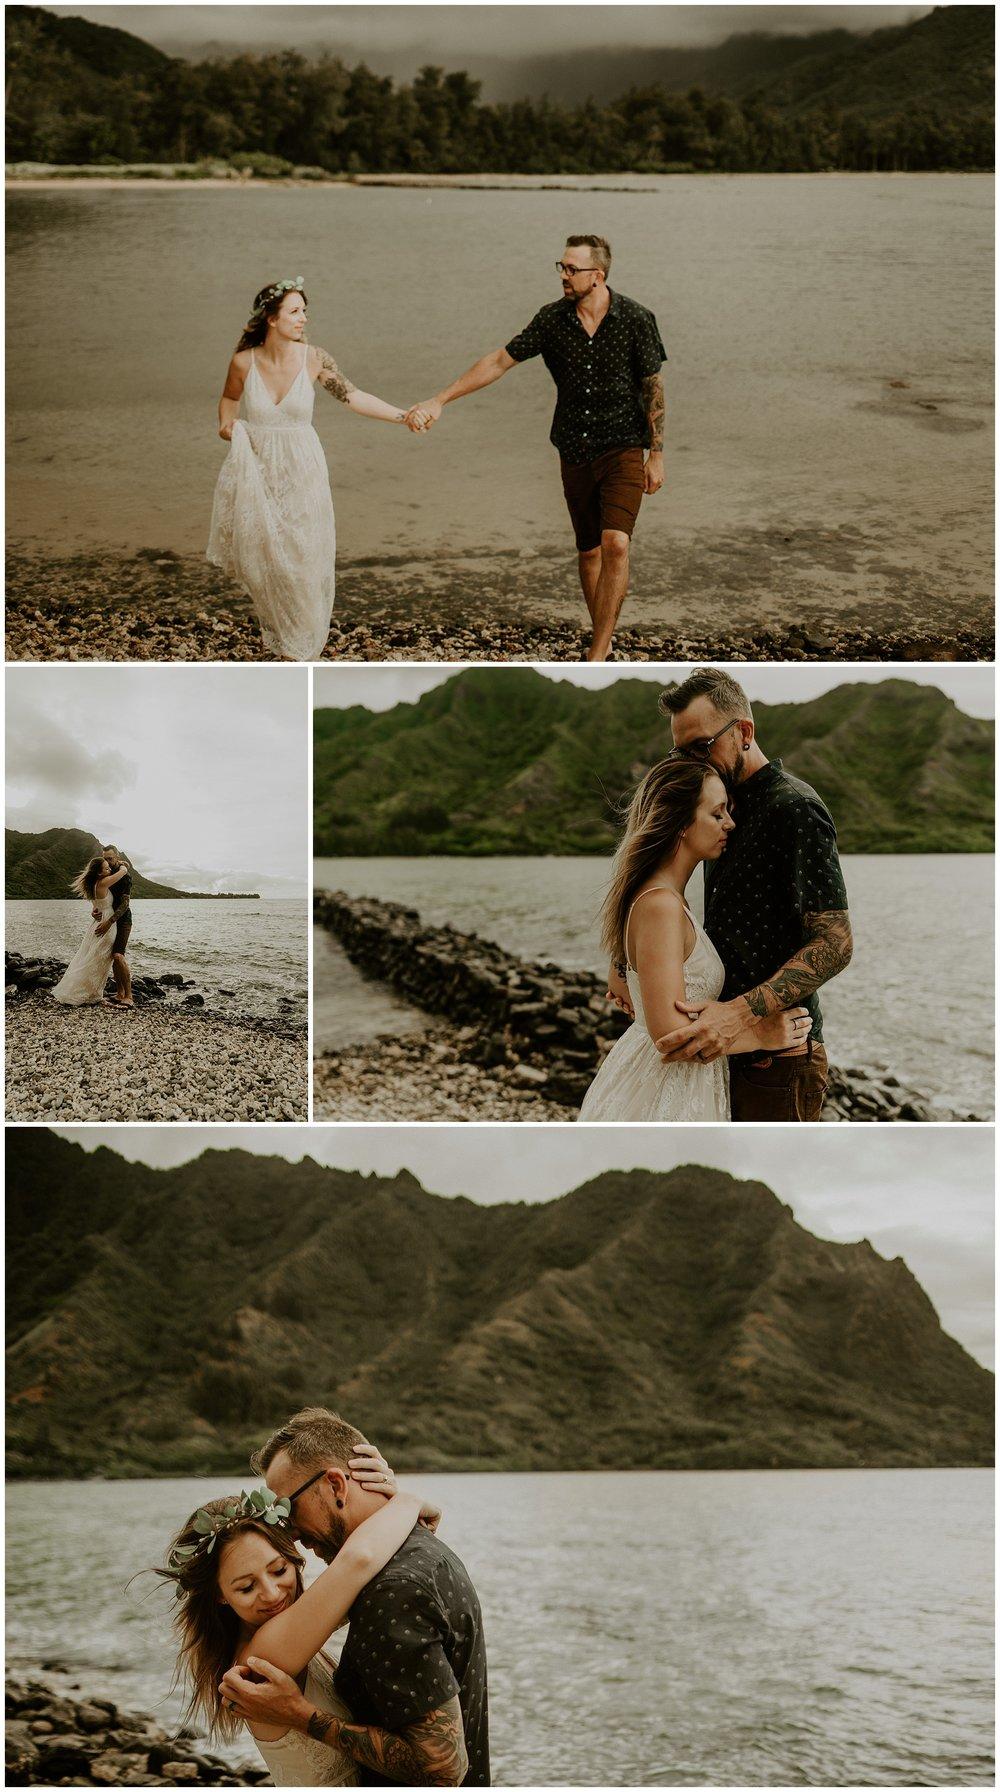 hawaii_elopement_photographer4.jpg